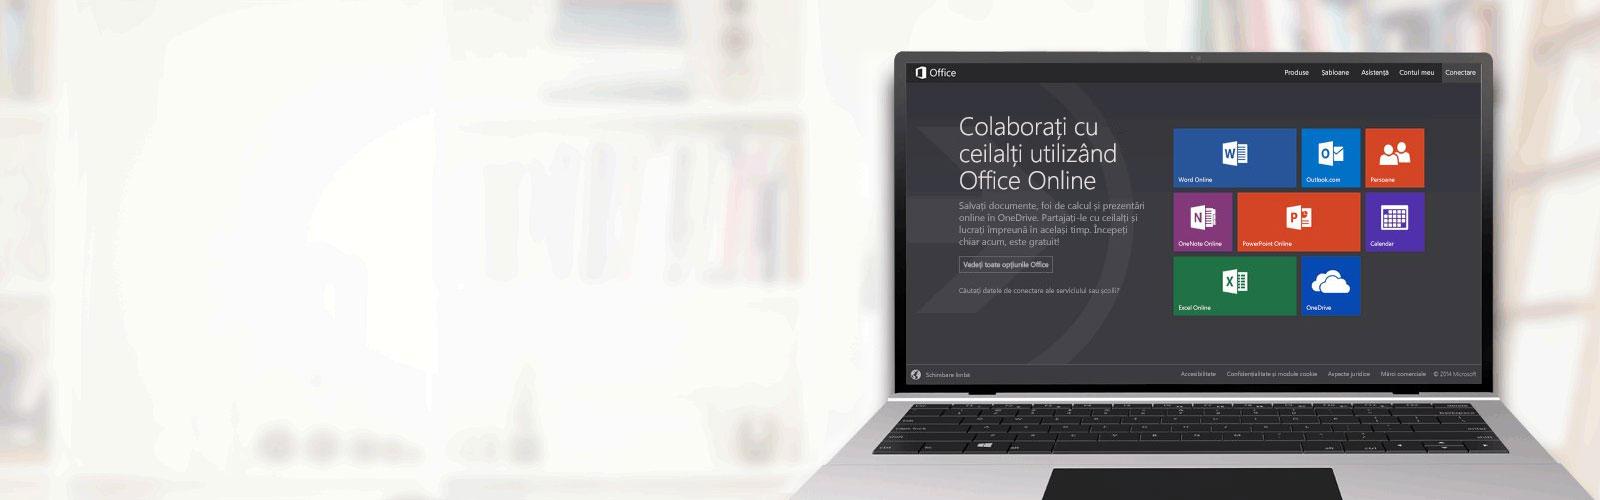 Colaborați cu ceilalți utilizând Office Online